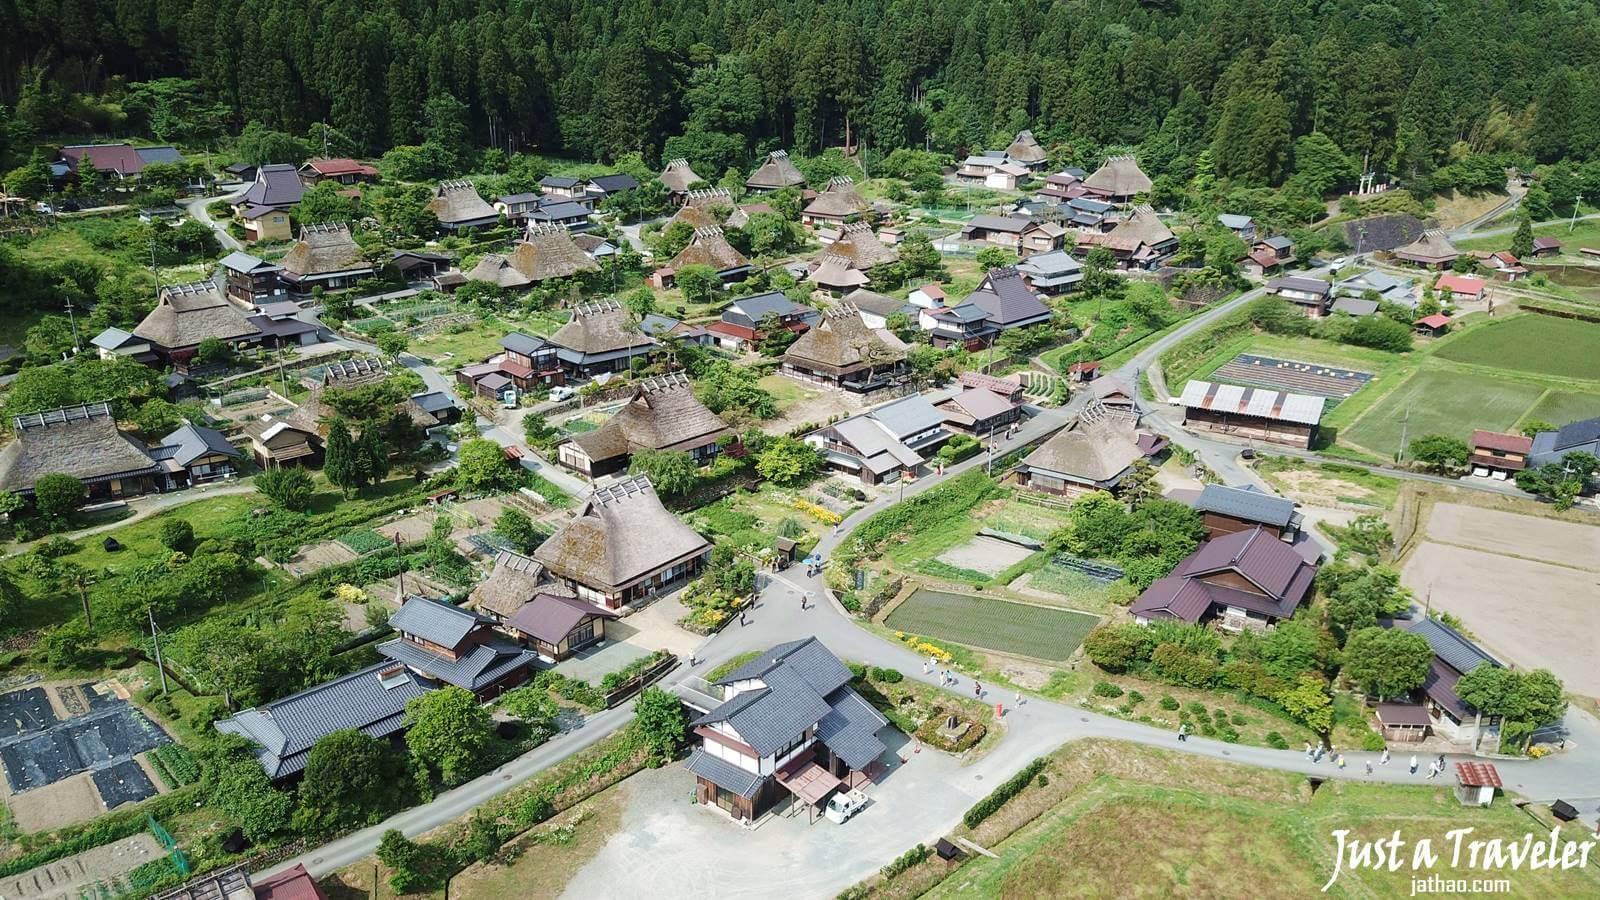 京都-美山-秘境-美山景點-推薦-空拍-美山自由行-美山一日遊-二日遊-旅遊-美山行程-美山交通-美山遊記-攻略-Miyama-日本